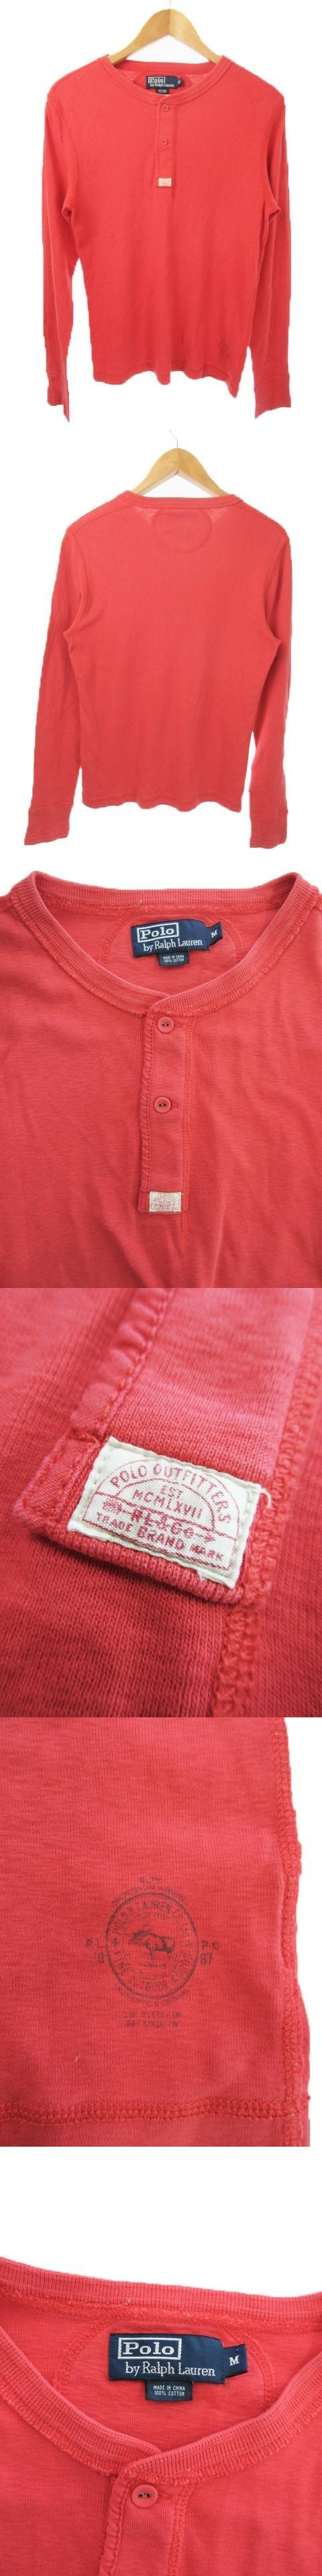 Tシャツ カットソー ヘンリーネック 長袖 ワンポイント M 赤 レッド /MN13